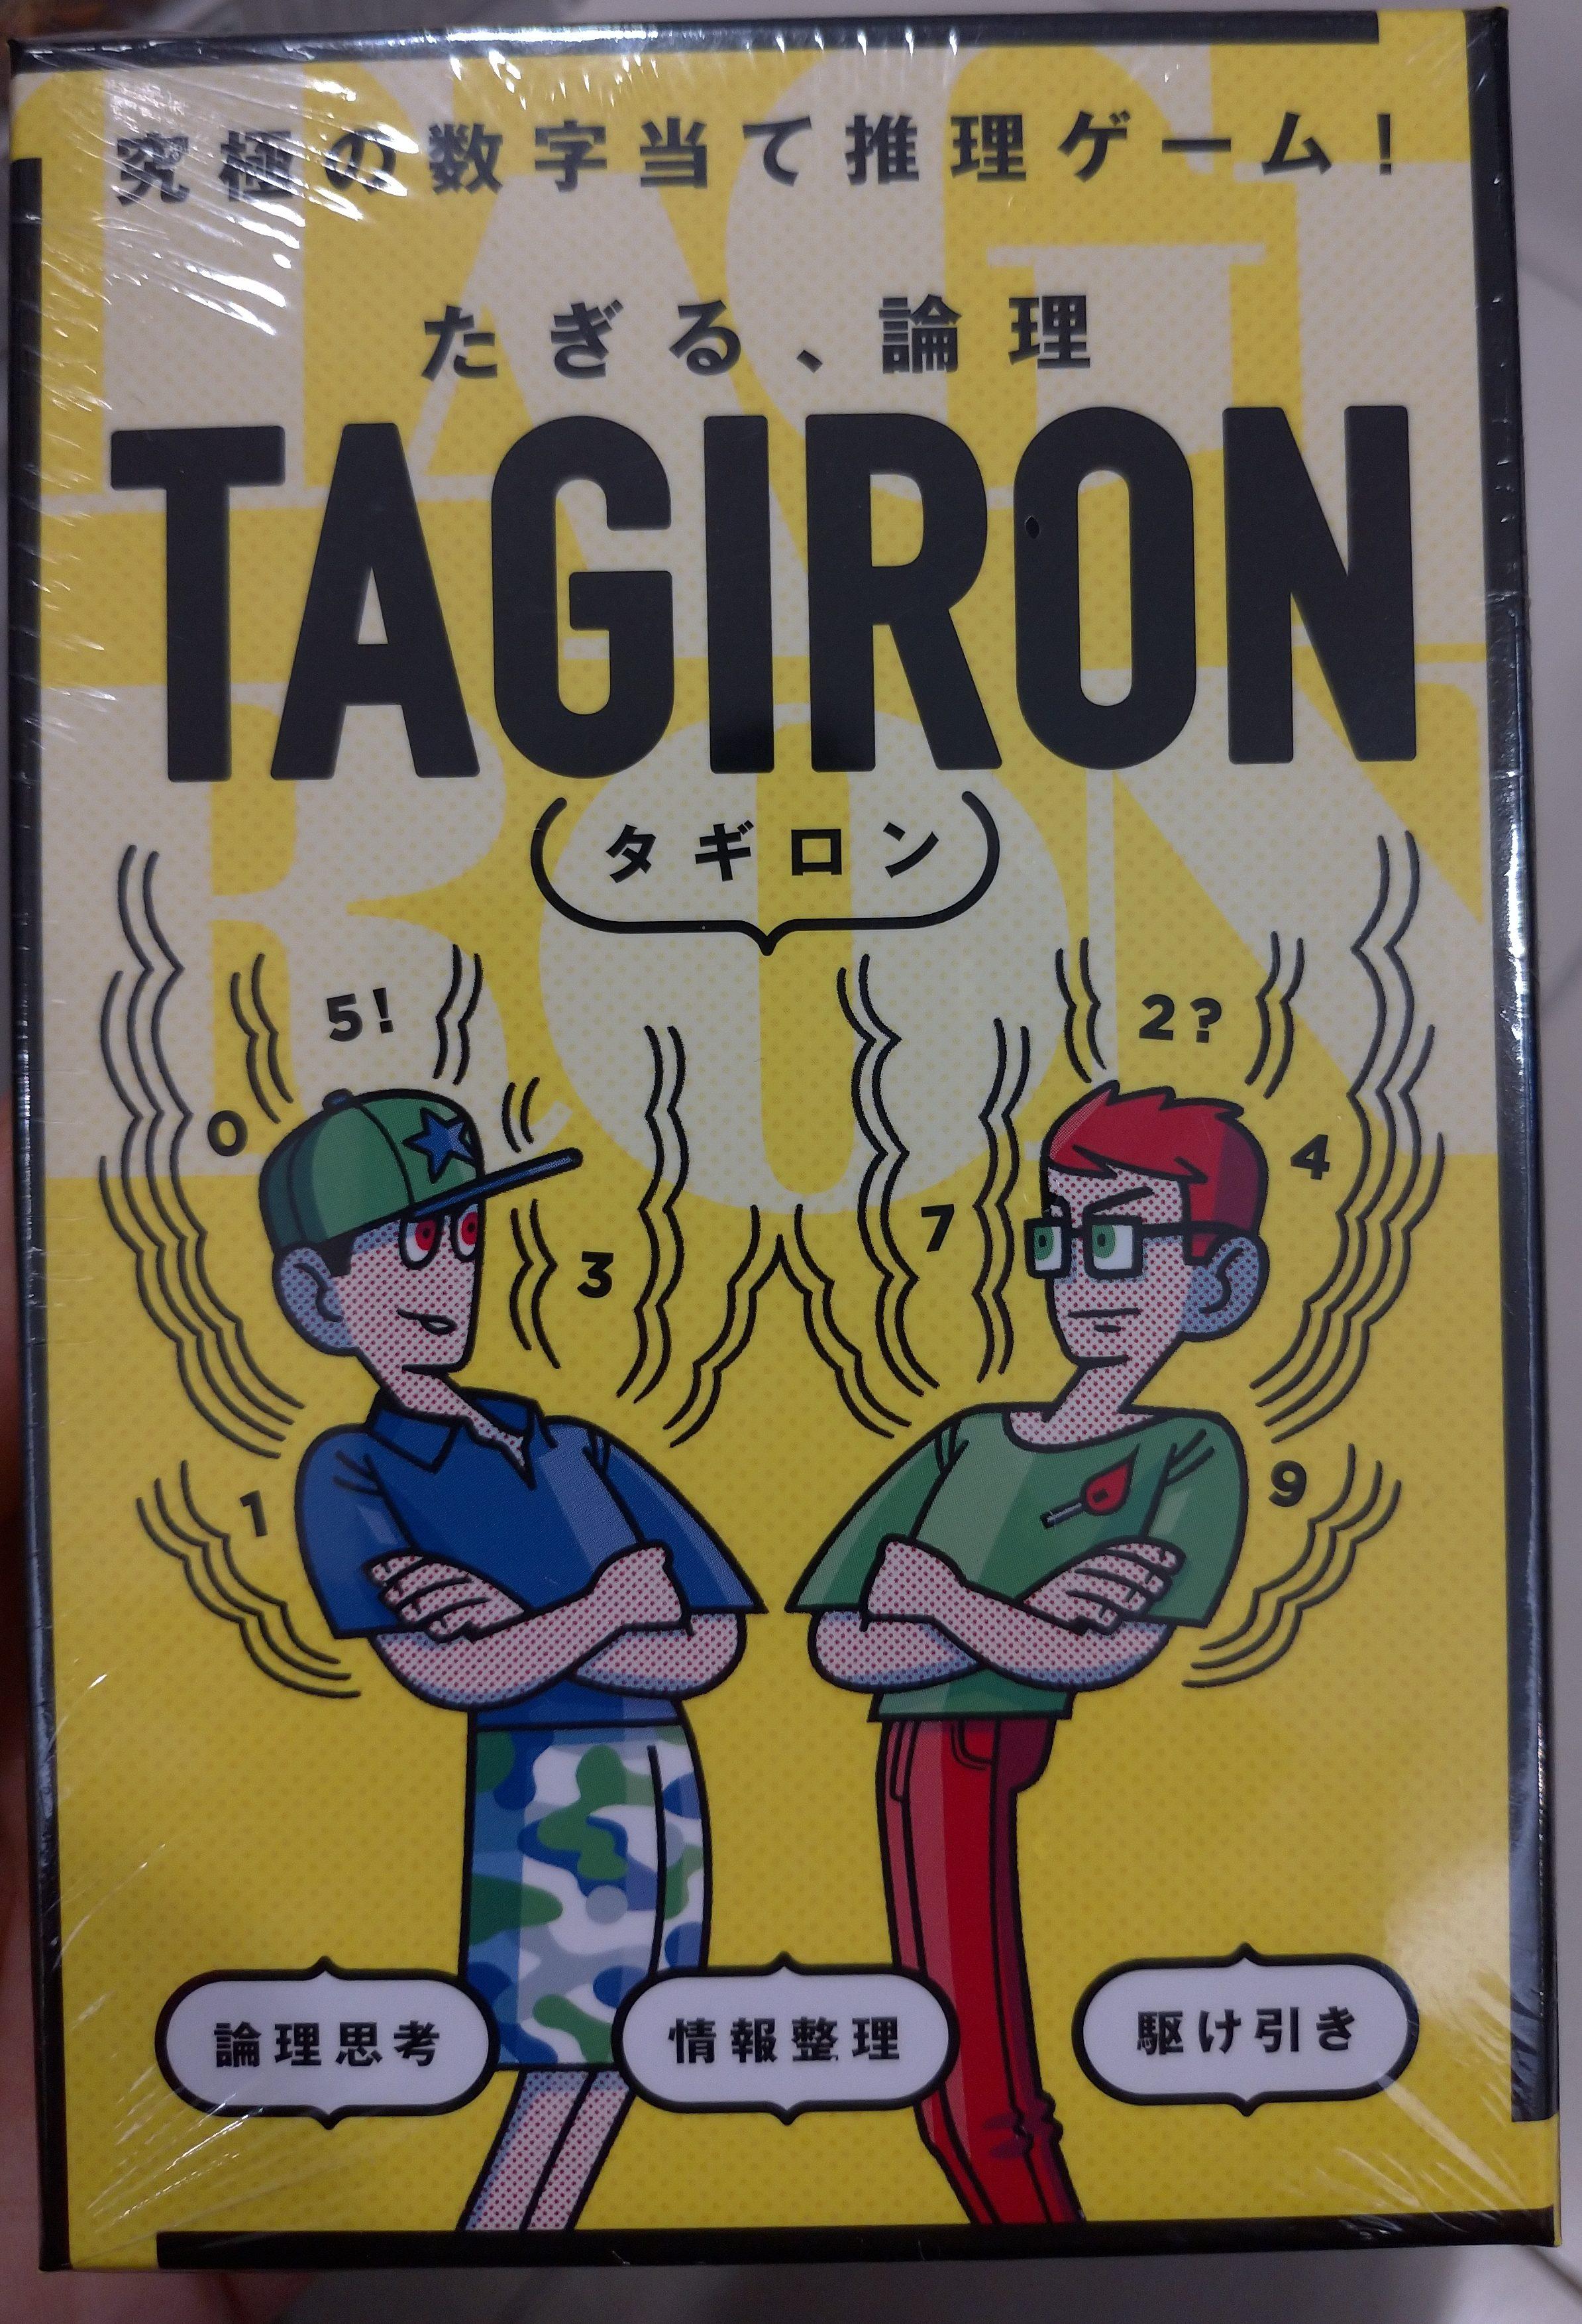 究極の心理論理戦「タギロン」でコミュニケーション能力を高める